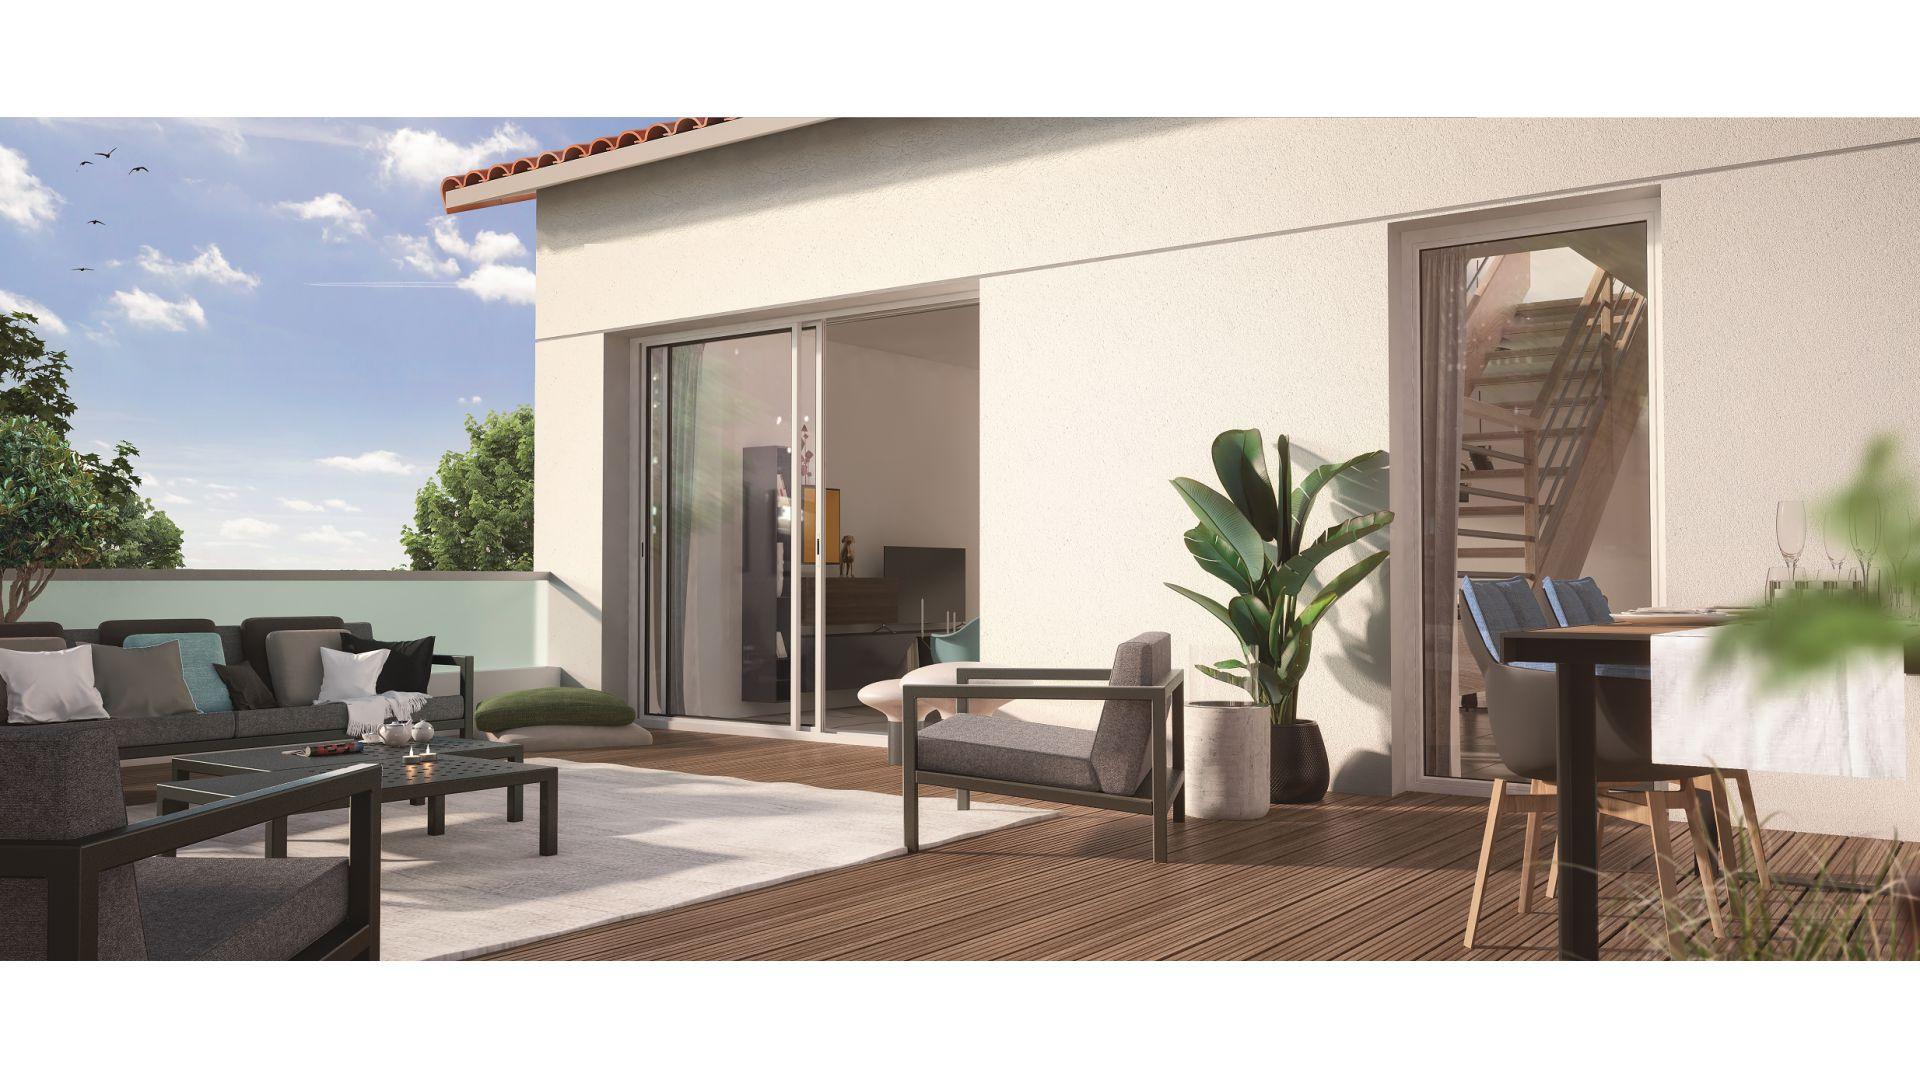 GreenCity immobilier - Toulouse Saint-Simon - 31100 - Résidence Azéria - appartement neuf du T2 au T4 Duplex - vue terrasse